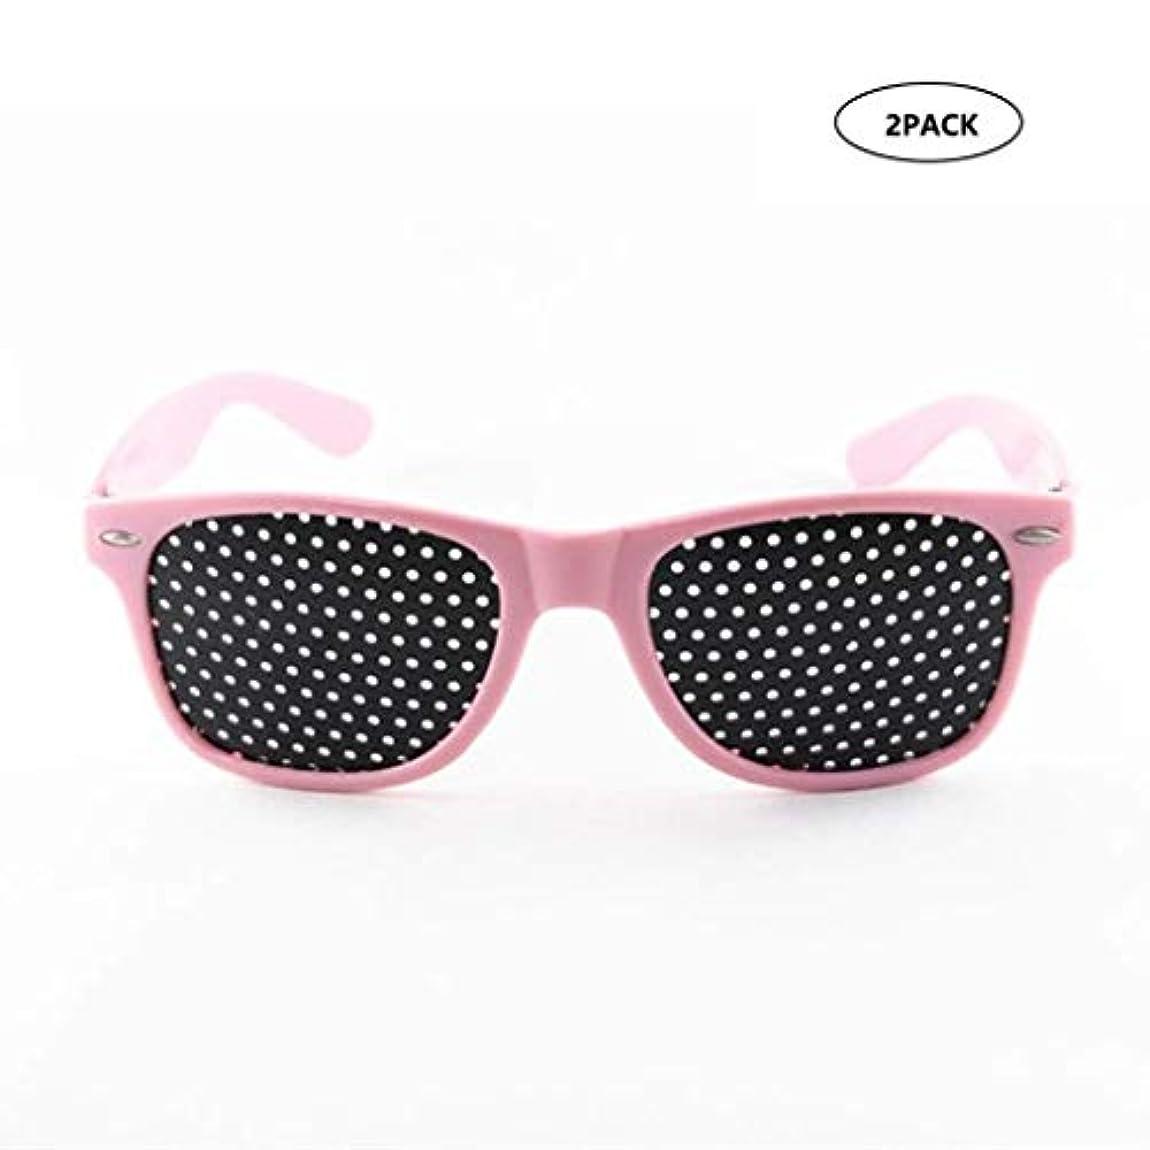 自治マウスピース欺ピンホールメガネ、アイズエクササイズアイサイトビジョンメガネの改善ビジョンケアメガネ近視の防止メガネの改善